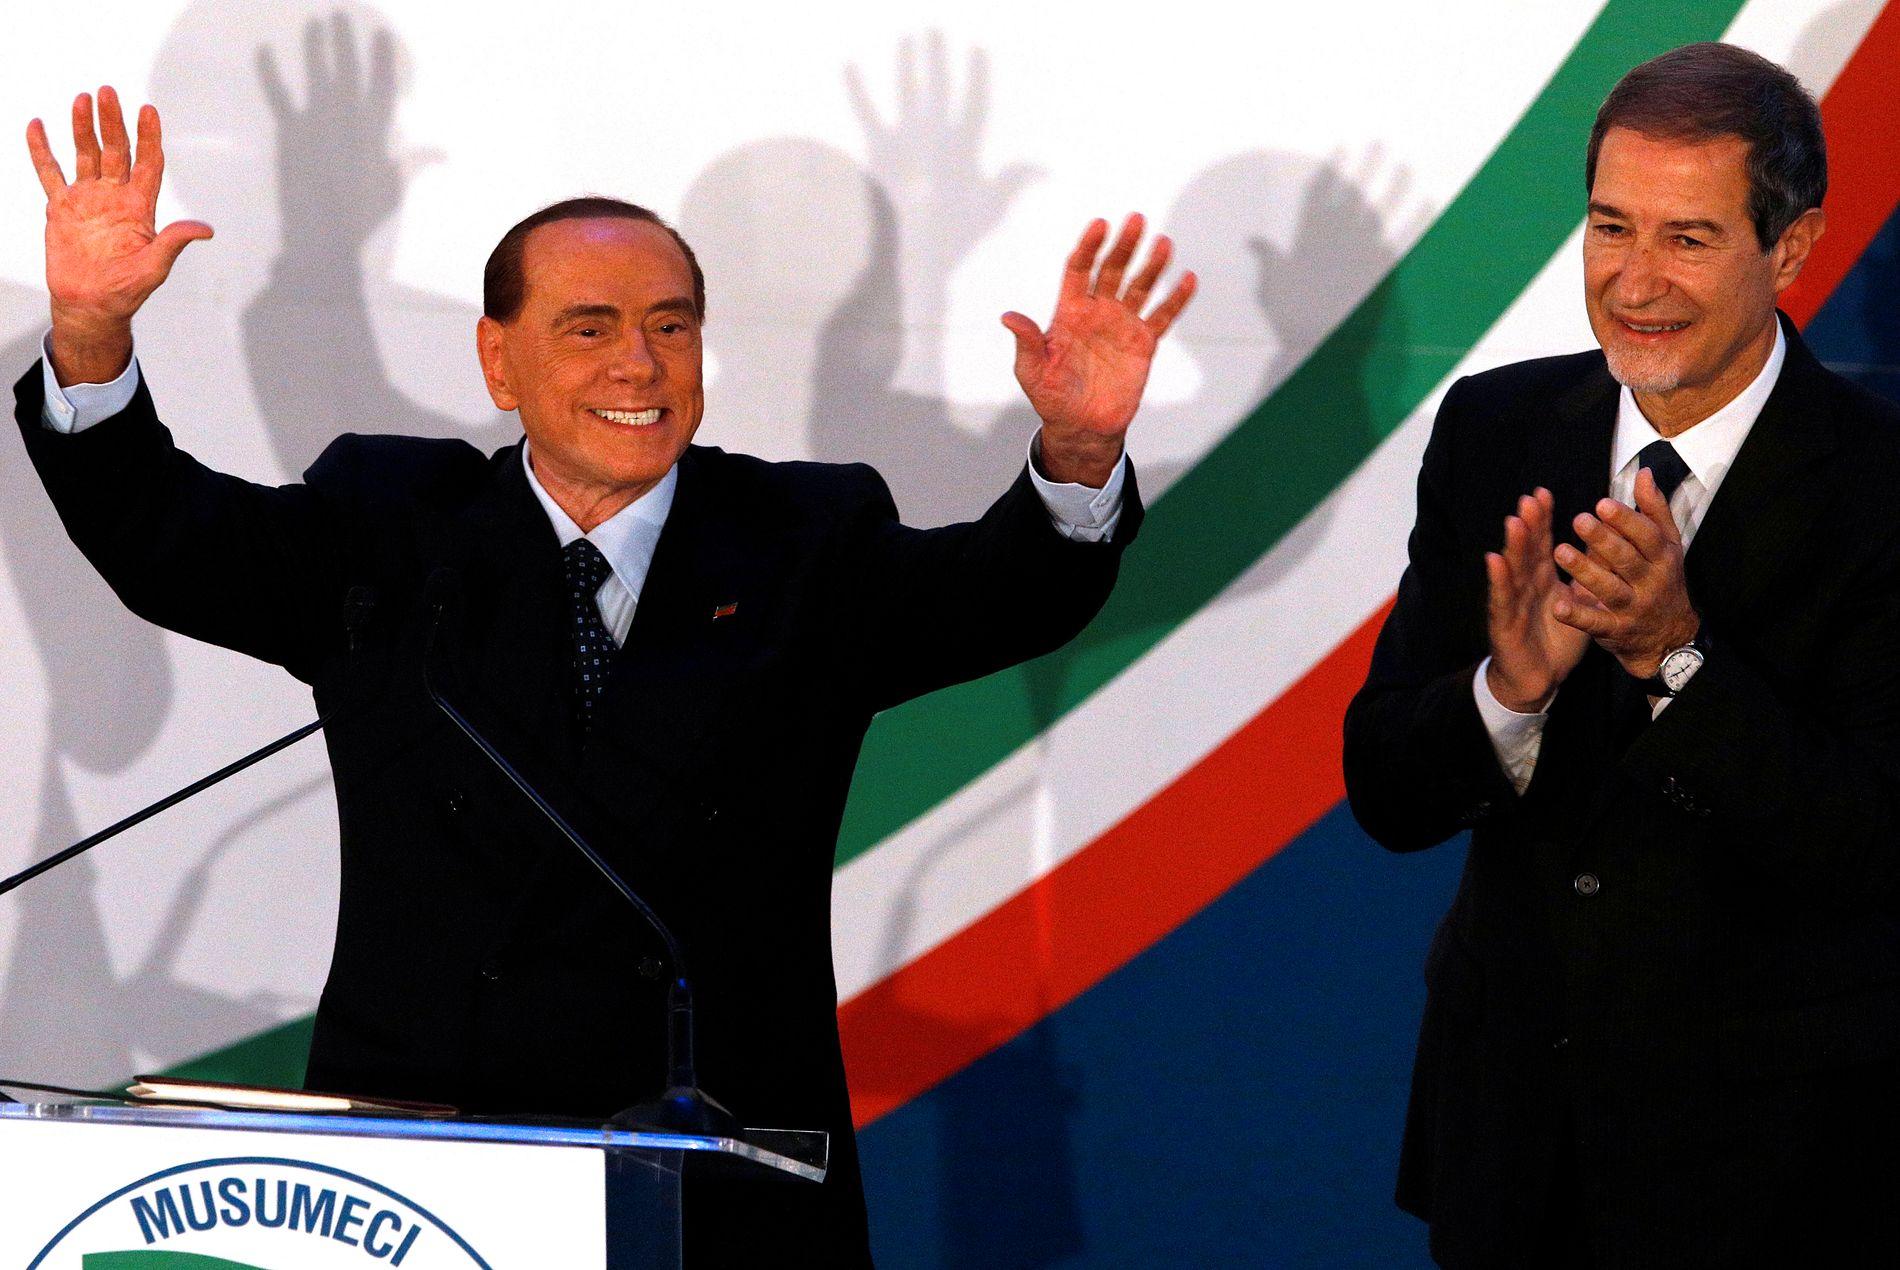 TILBAKE I MANESJEN: Forza Italias partileder Silvio Berlusconi støttet Nello Musumeci (t.h.) i guvernørvalget på Sicilia. Dermed fikk han igjen spille en hovedrolle i italiensk politikk. Nå samler han høyresiden foran parlamenstvalget til våren.